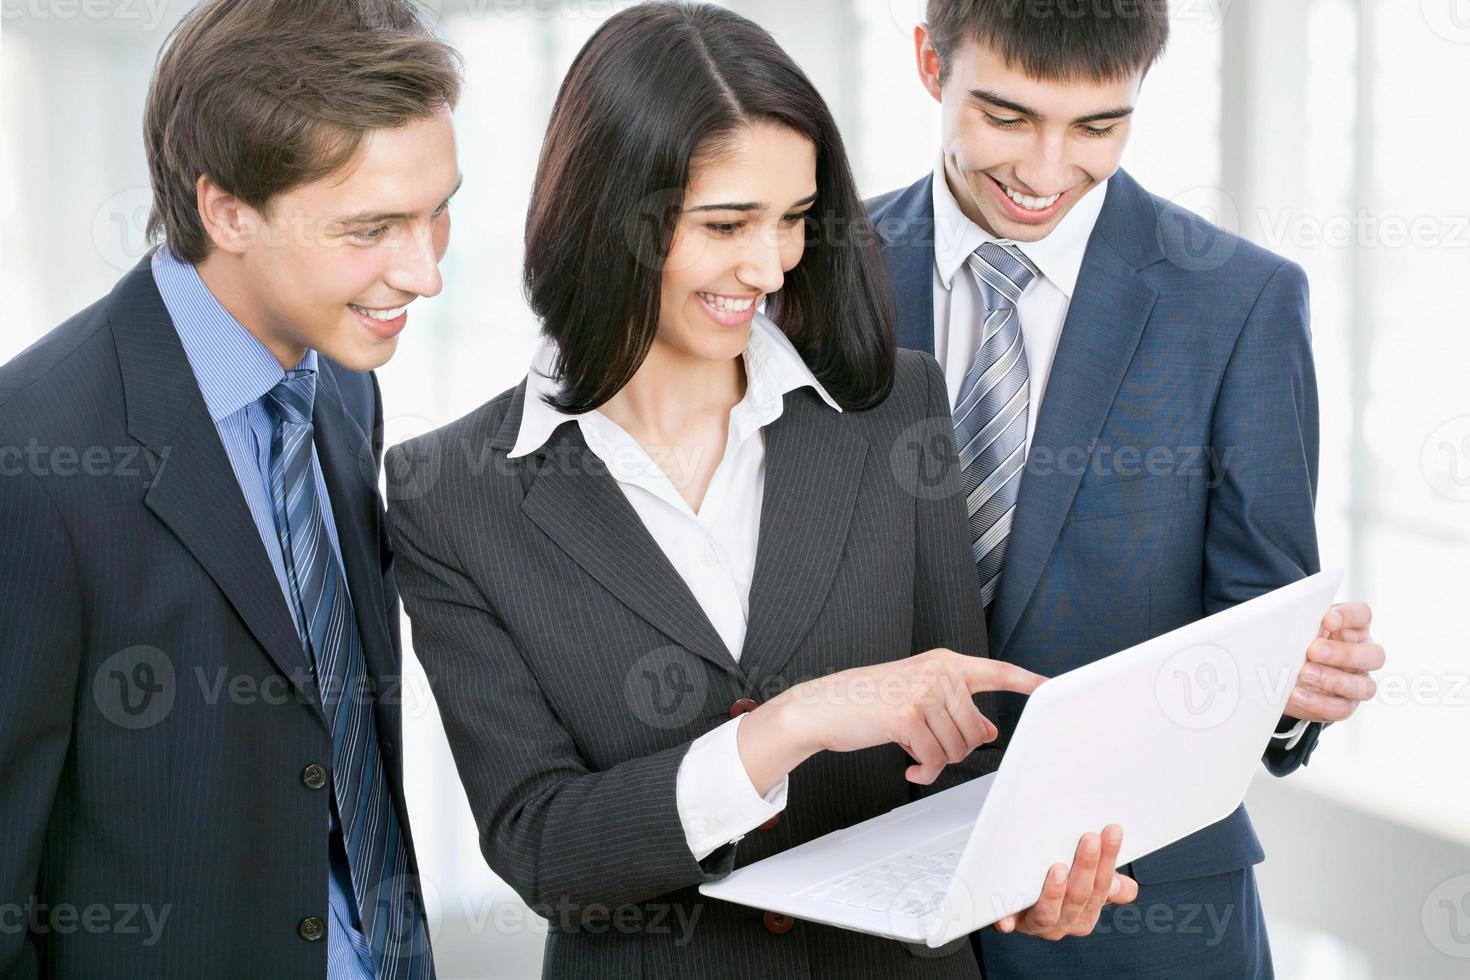 mensen uit het bedrijfsleven bespreken in een kantoor-gang foto